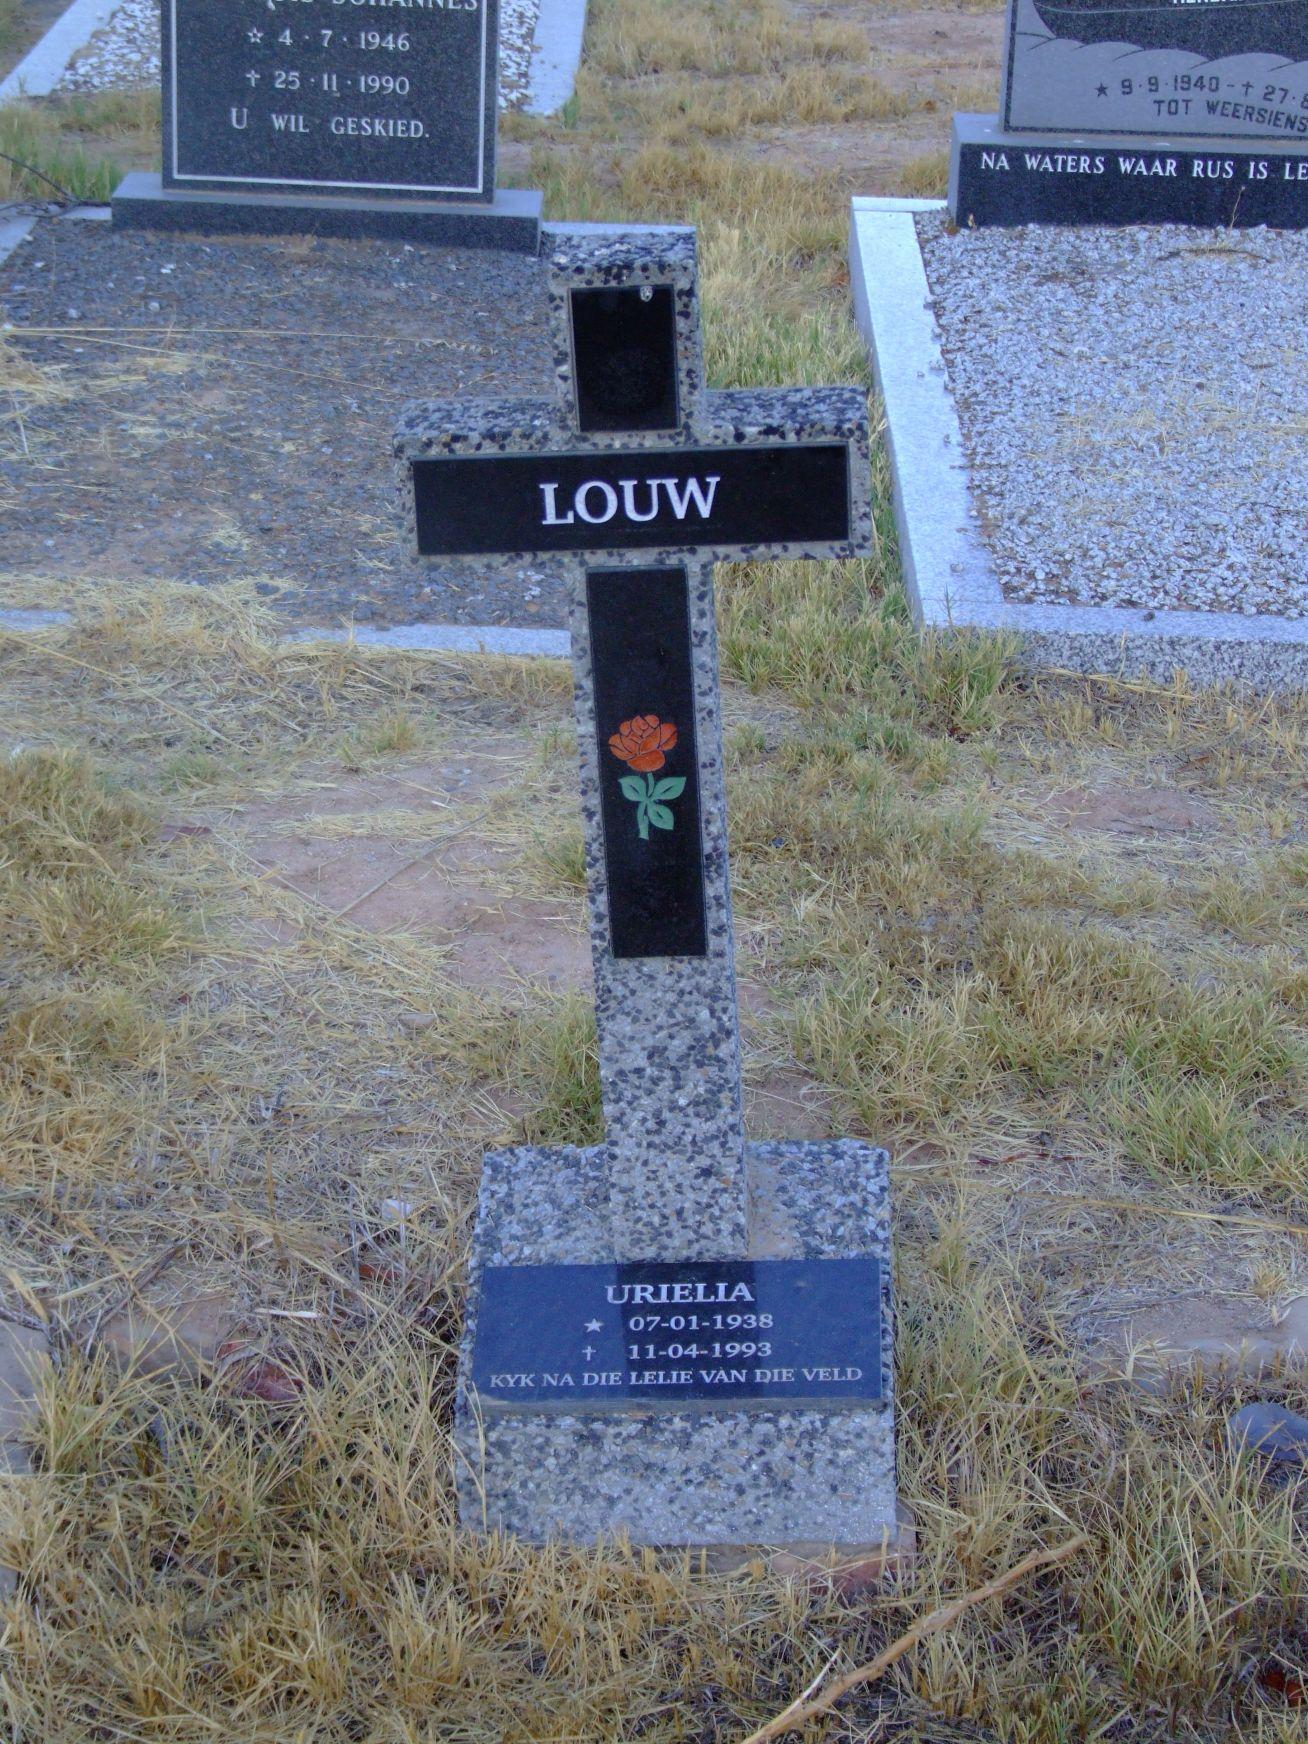 Louw, Urielia